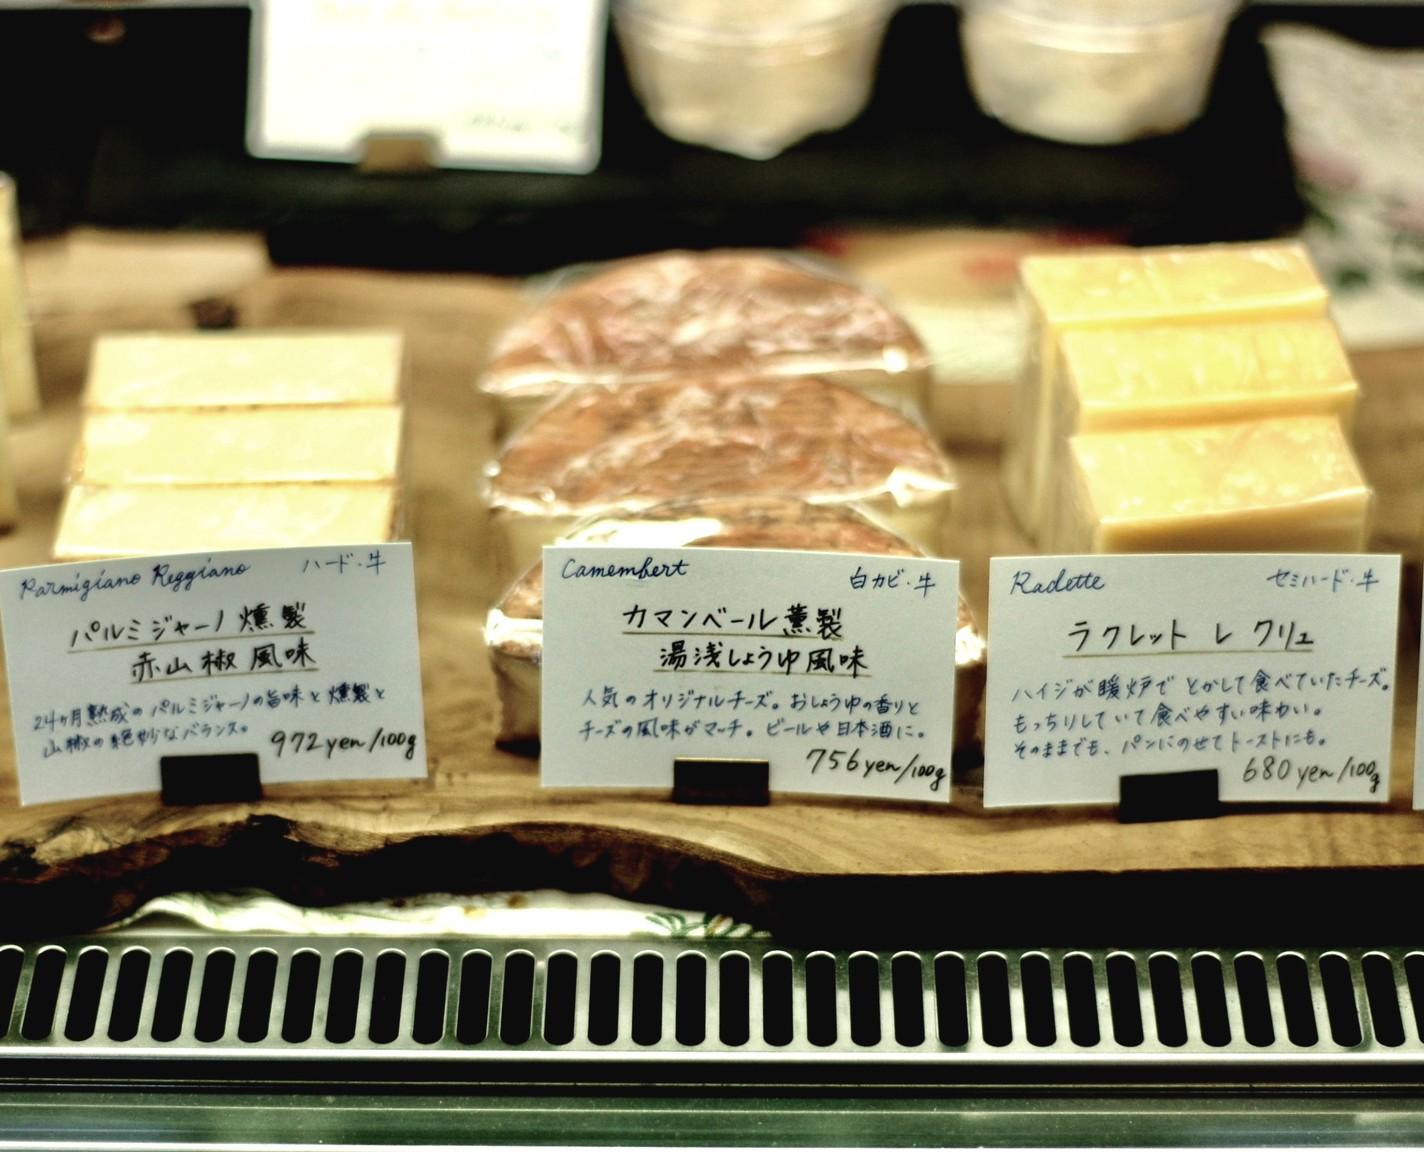 「カカオ醬」でチョコレート業界に旋風を巻き起こした、湯浅醤油の新古敏朗さんが描く食の未来とは